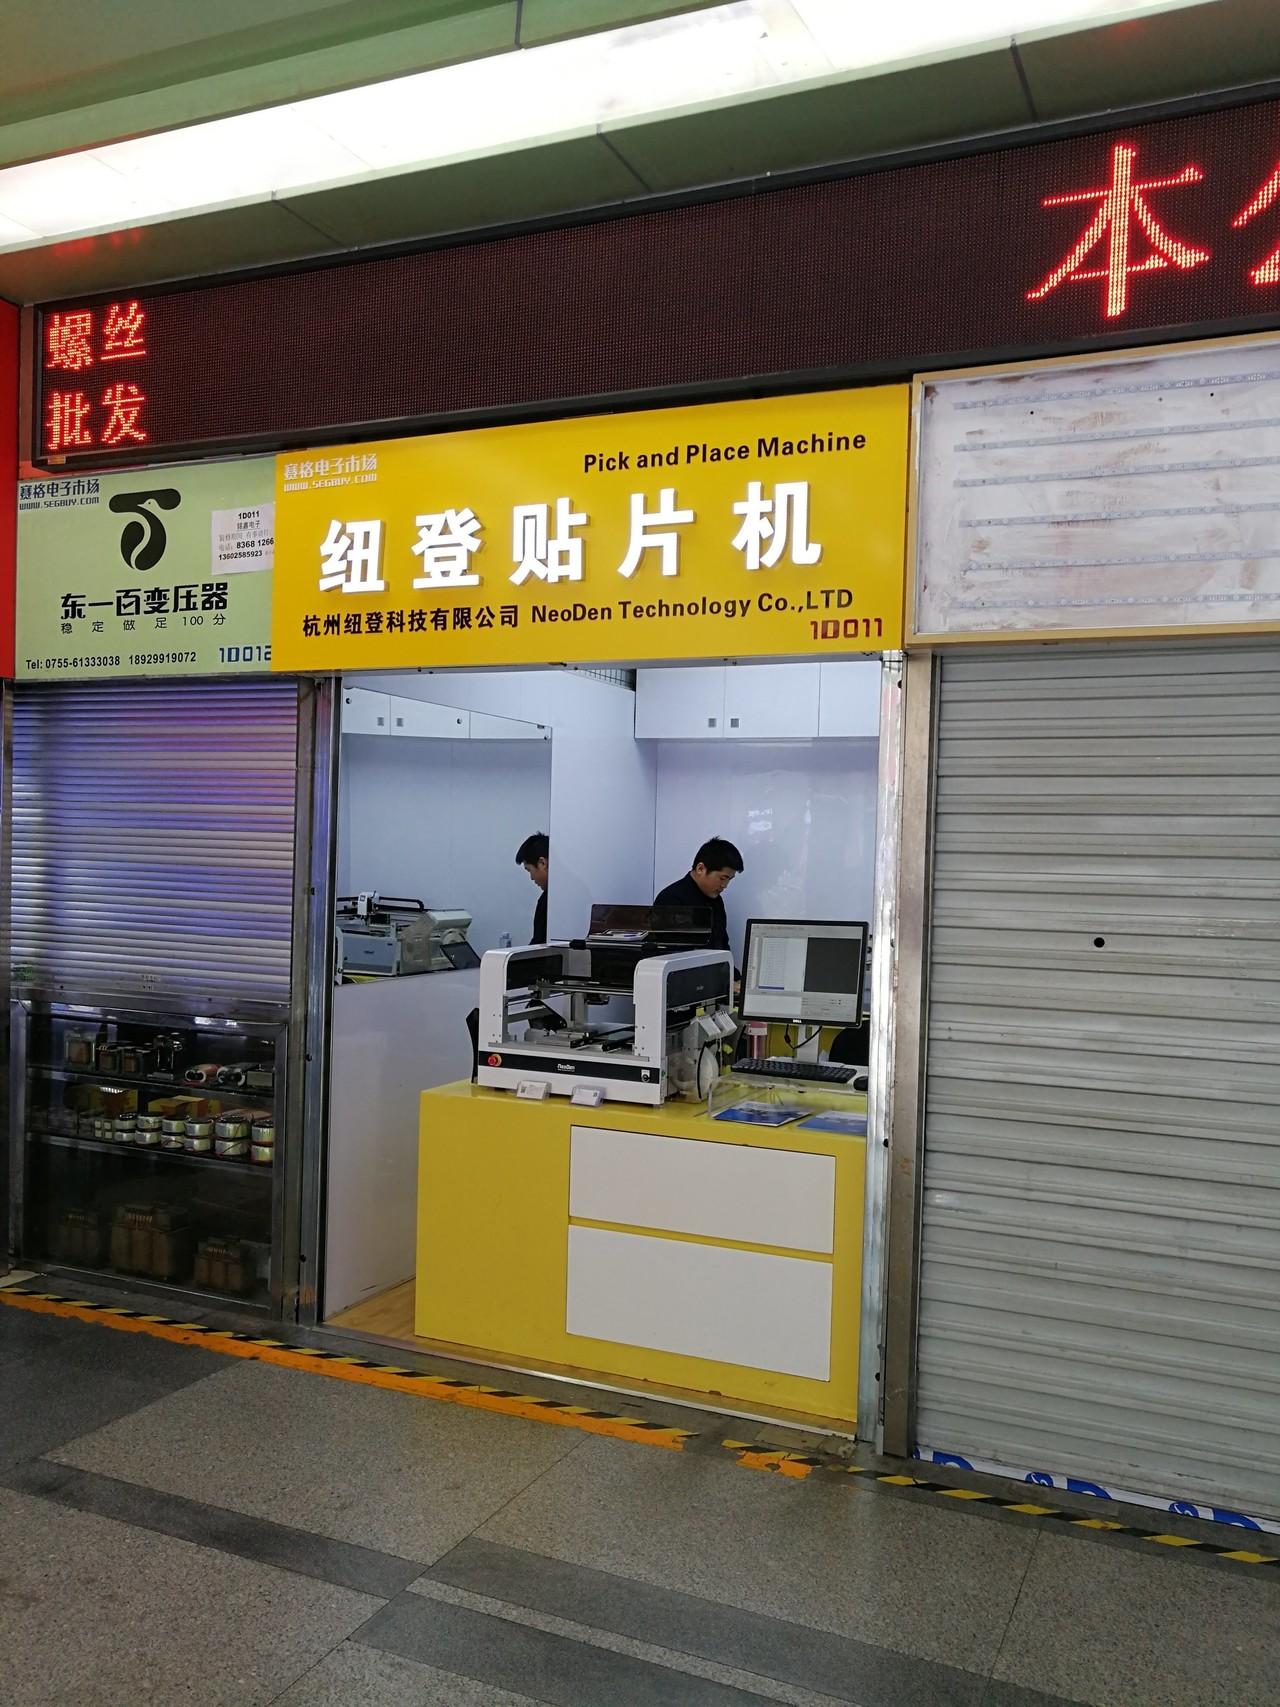 SMT表面実装マシン 製造メーカーが直接路面店を出している 店でデモしている機種は6万RMB 100万円のもの。もらったパンフに複数の機種がある. 0.02mm精度、48カセット、カメラCCDモジュールはマイクロン